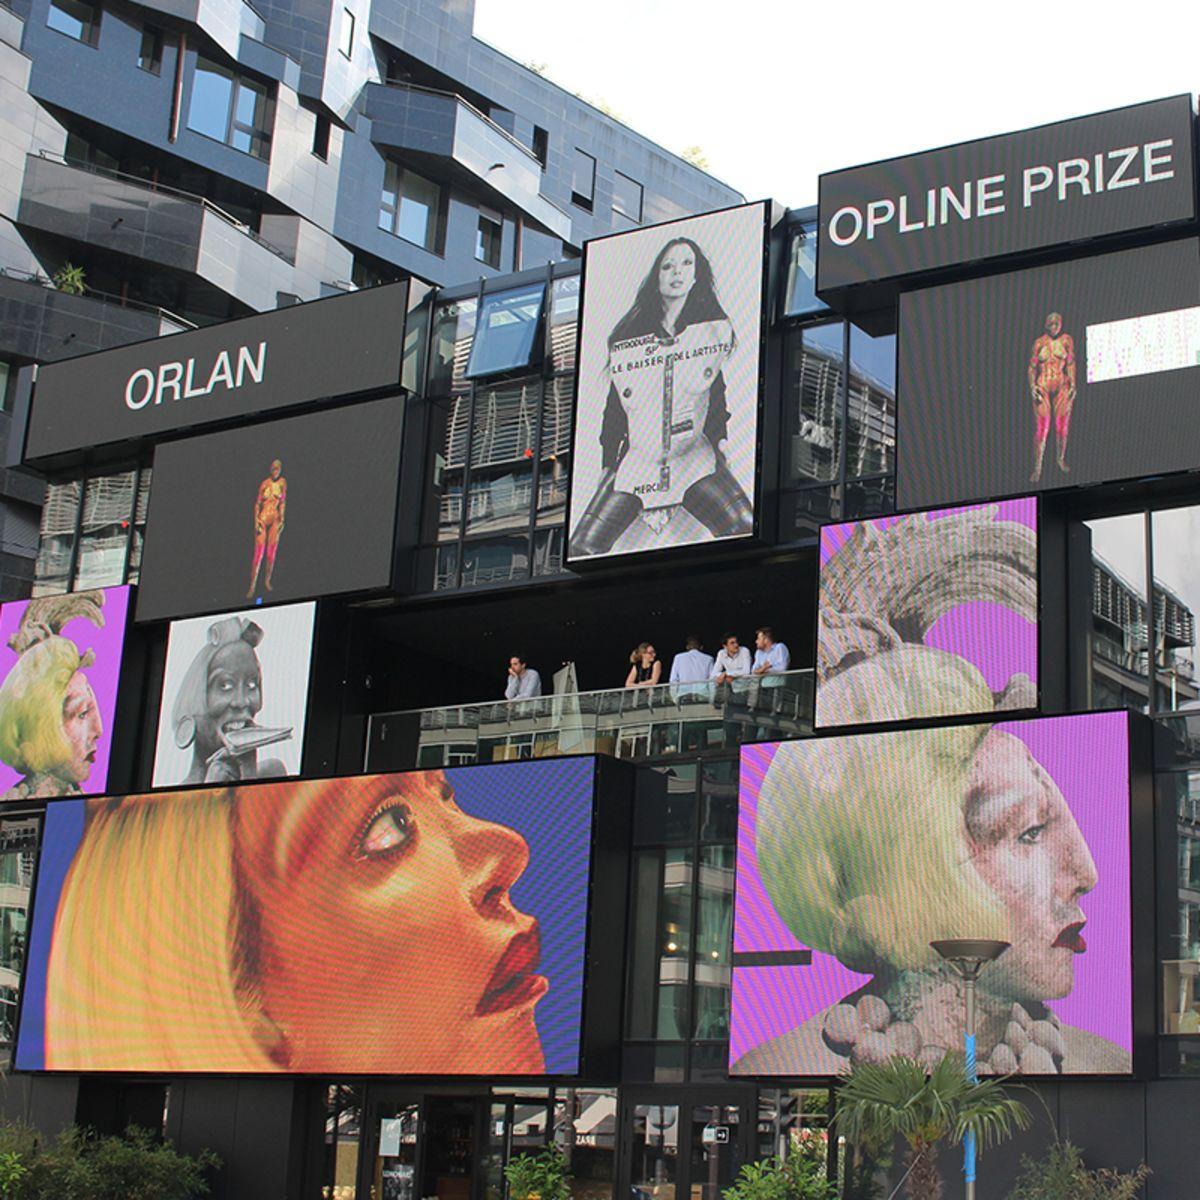 10 artistes révélées par OplinePrize 2018